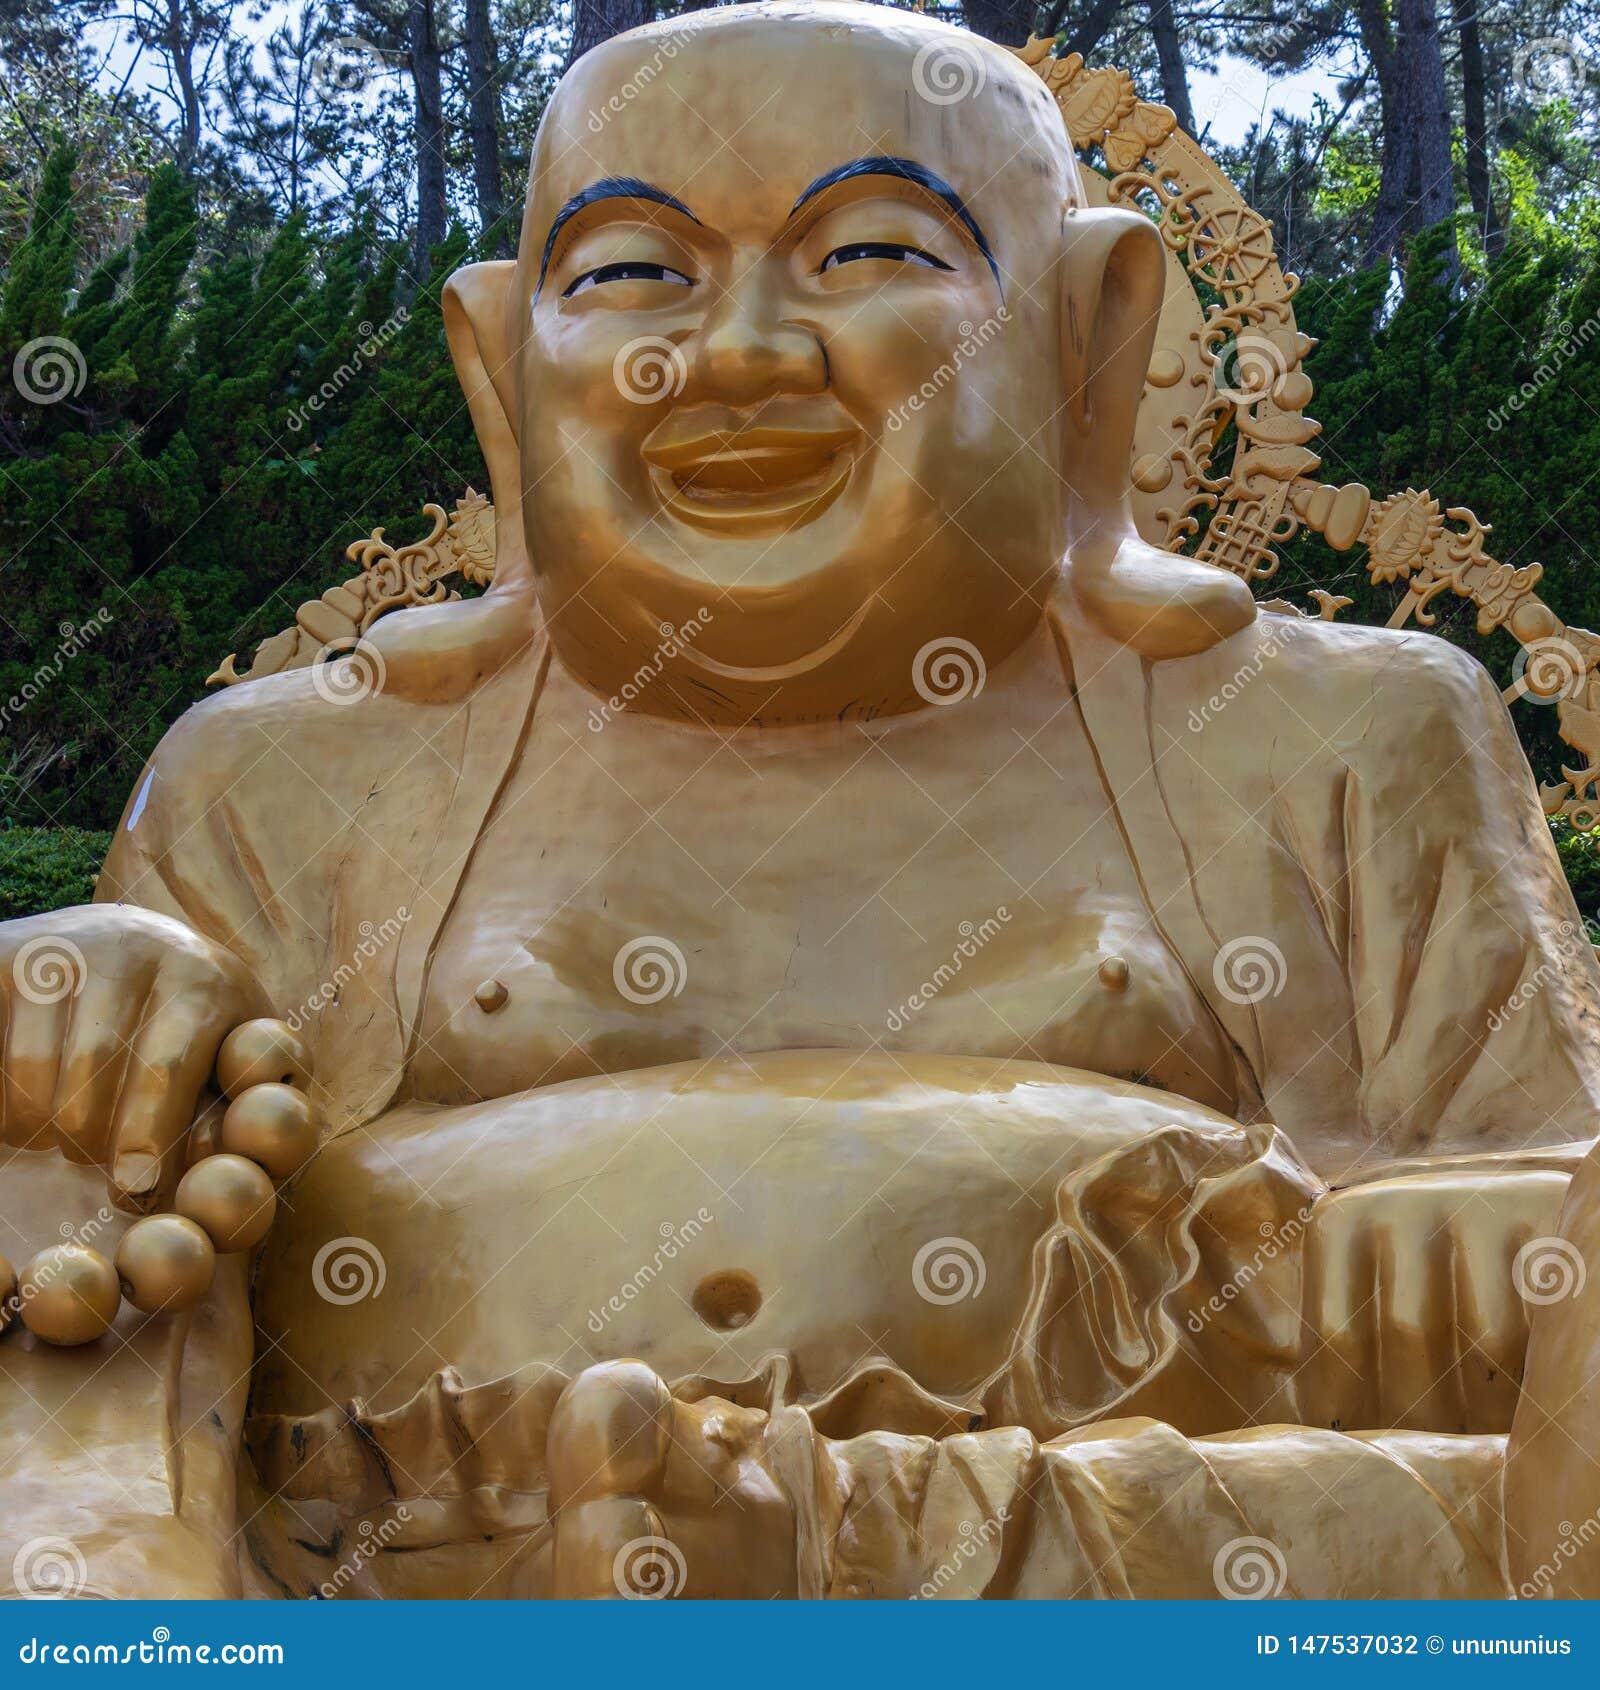 Vista panor?mica no grande buddha de assento rezando dourado Templo coreano de Haedong Yonggungsa Busan, Coreia do Sul, asi?tica